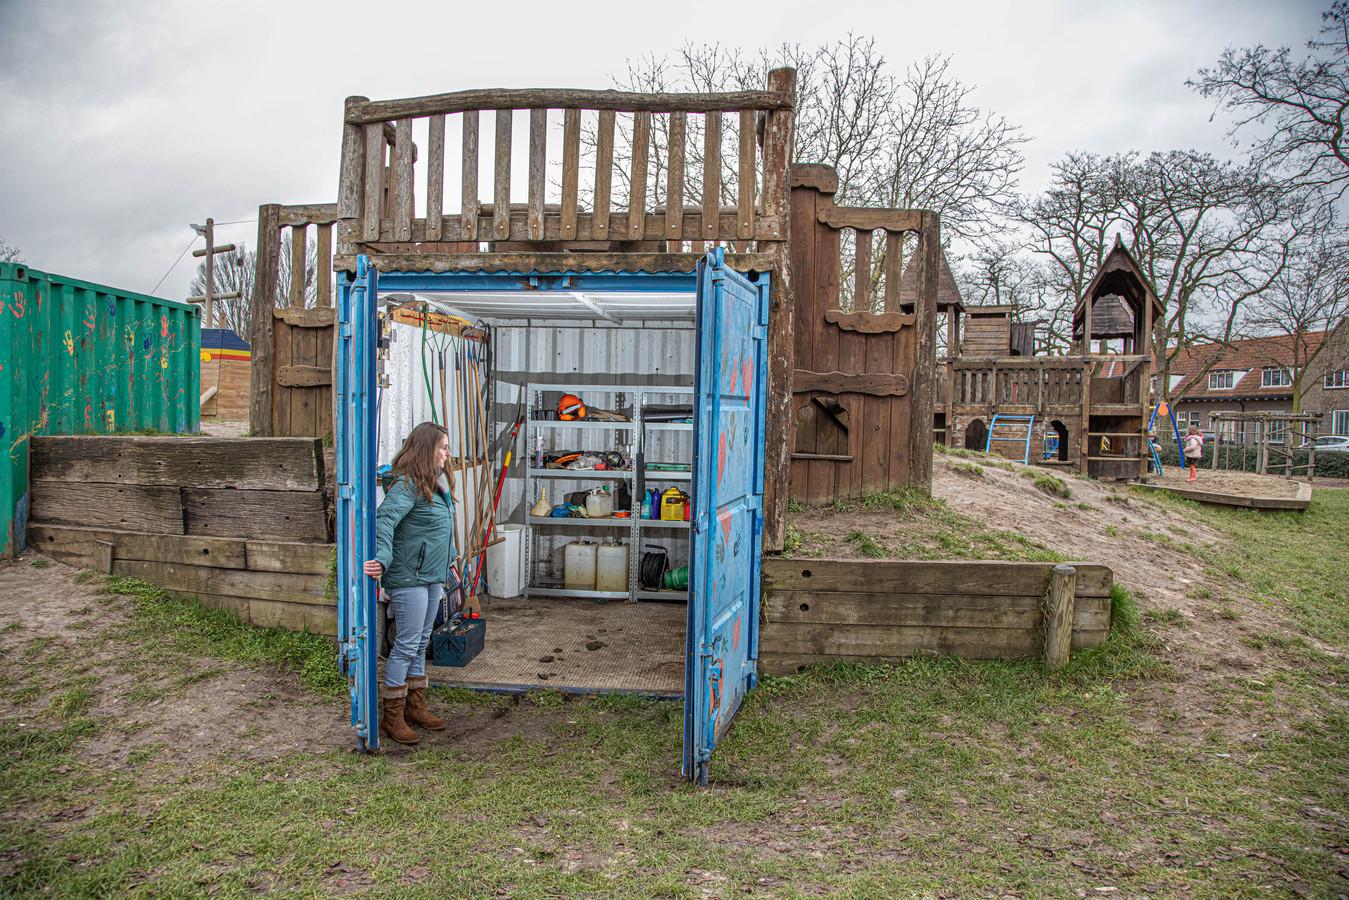 Vanessa Velthuis bij de vrijwel lege container, die normaal gesproken tot de nok toe vol staat met tuingereedschap.